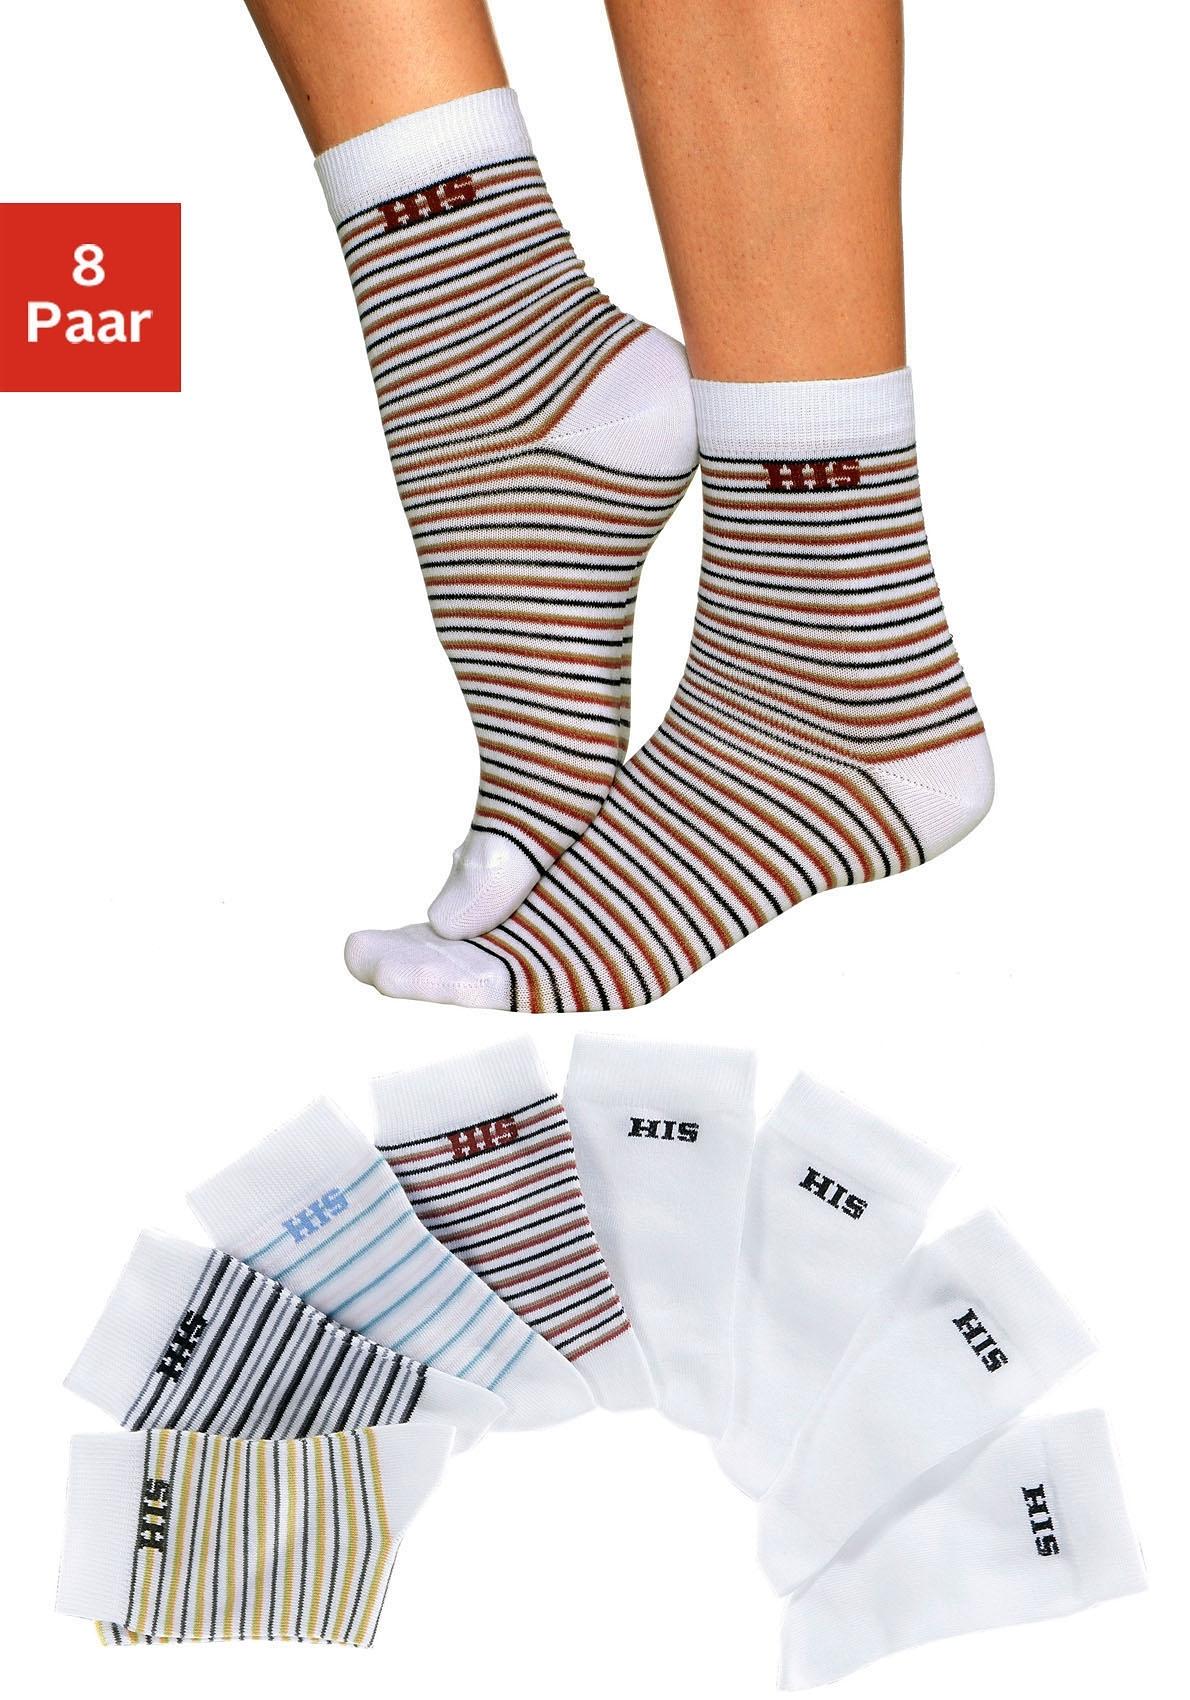 H.I.S sokken gestreept en unikleur (8 paar) bestellen: 30 dagen bedenktijd